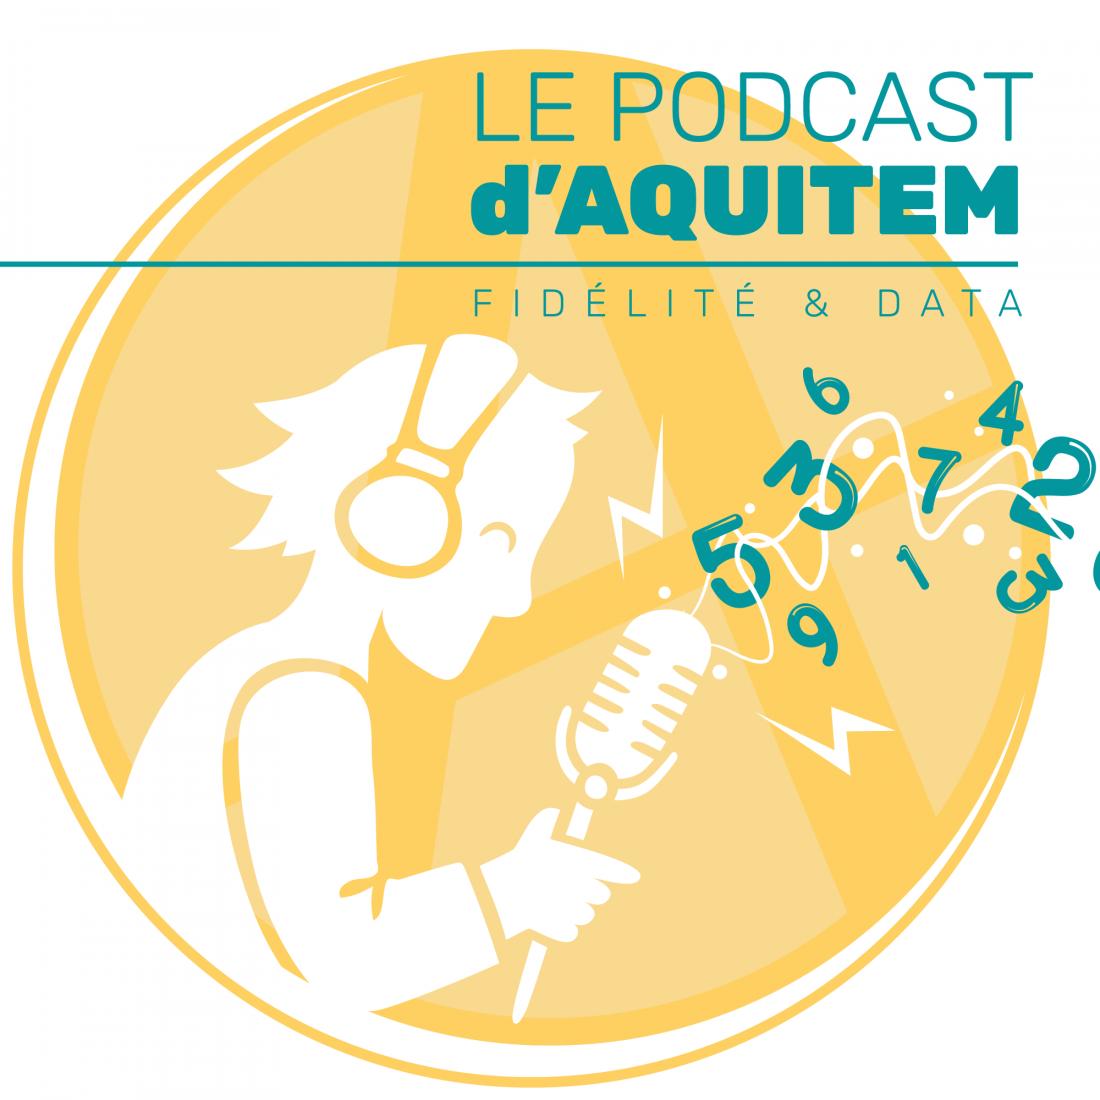 Cet épisode est une introduction et présentation du podcast. #Introduction #Data #Retail #MadeInFrance #PME #Fidélité